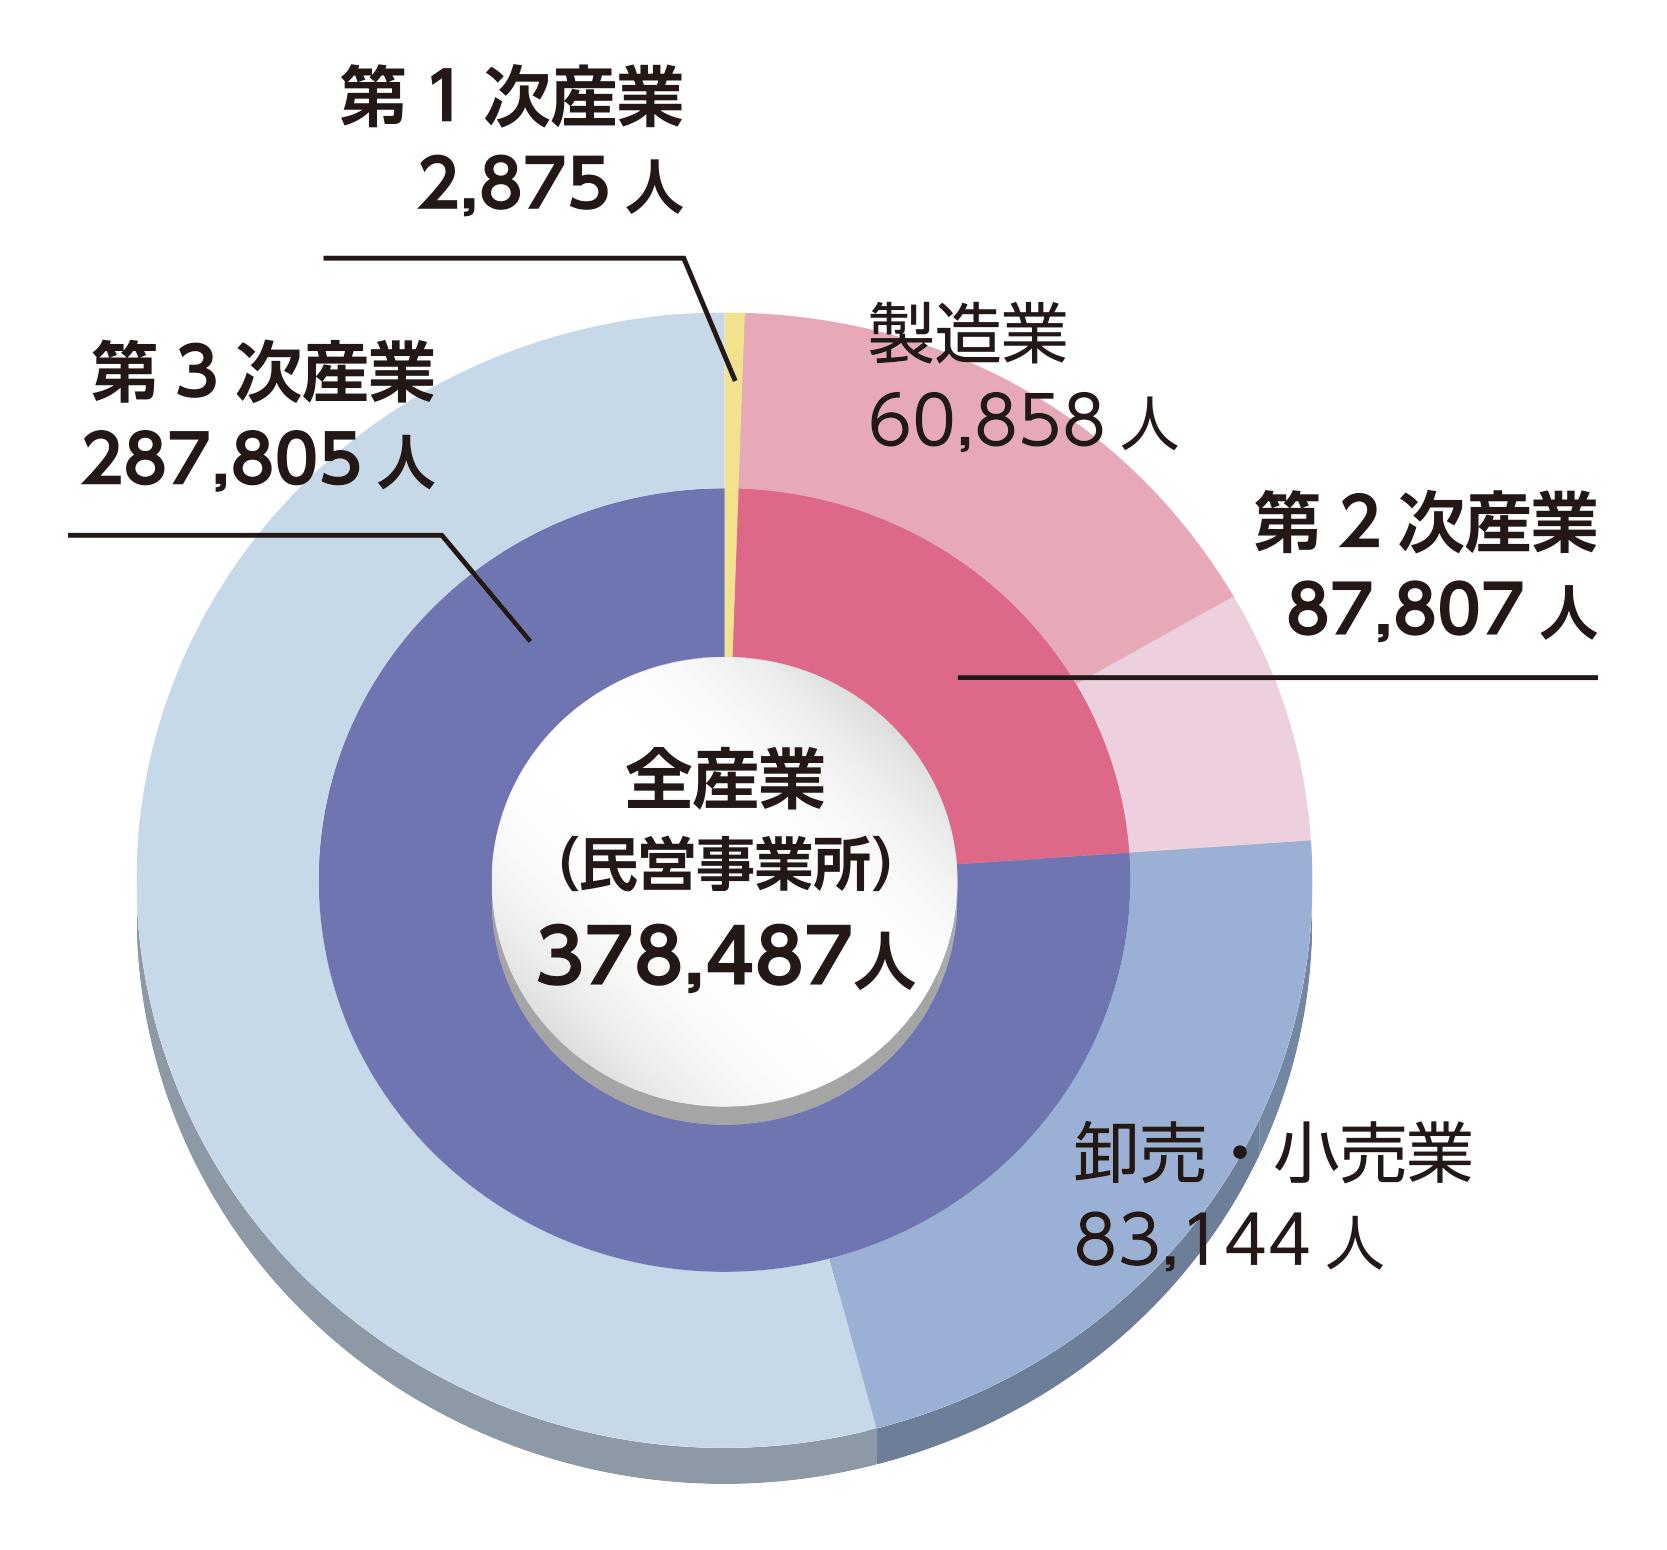 和歌山県の産業大分類別従業者数